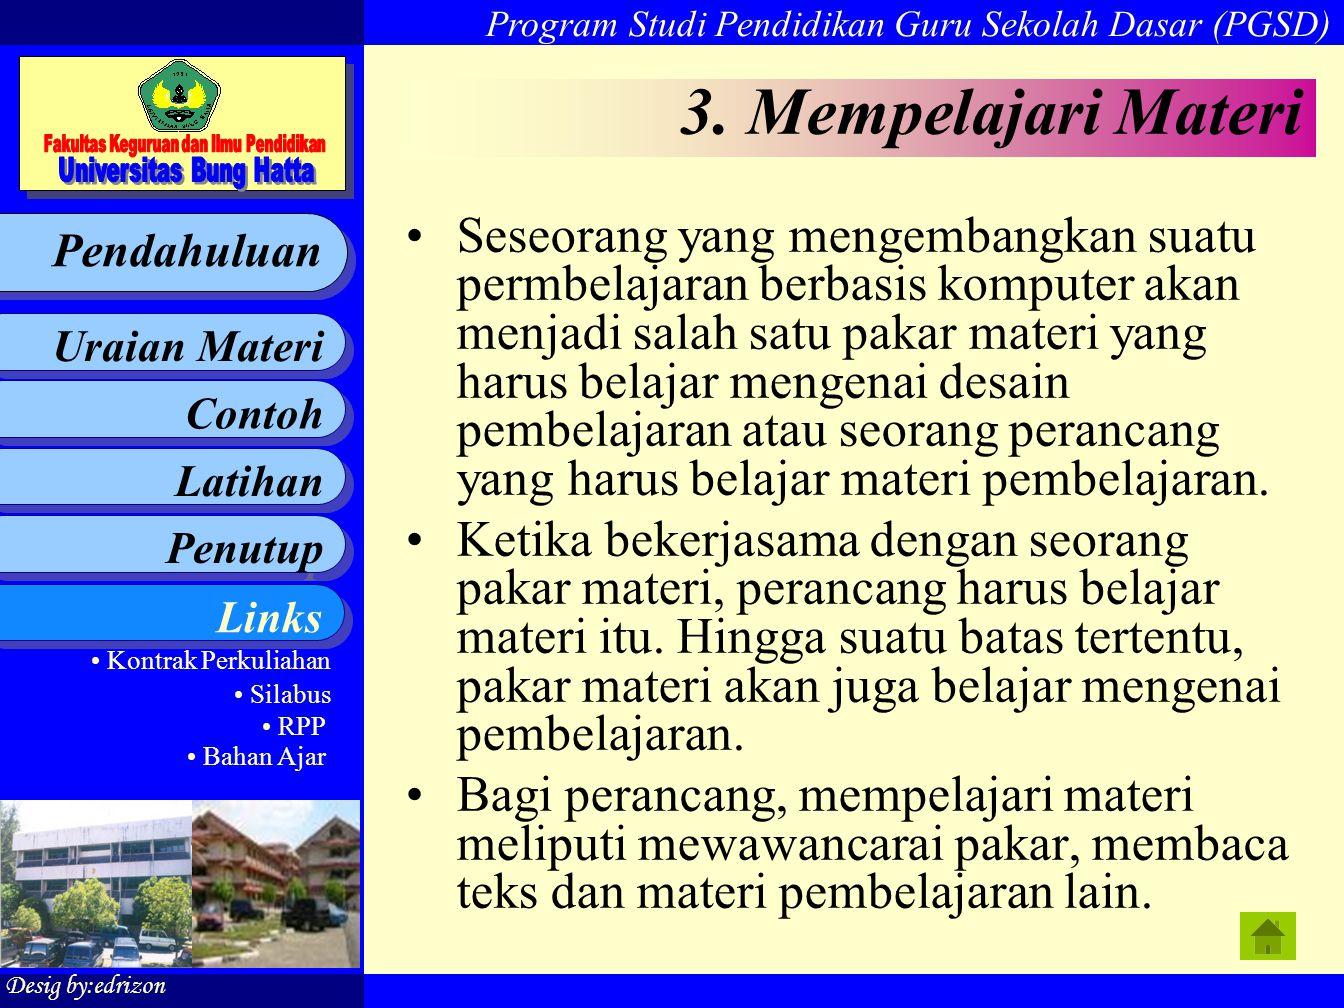 3. Mempelajari Materi